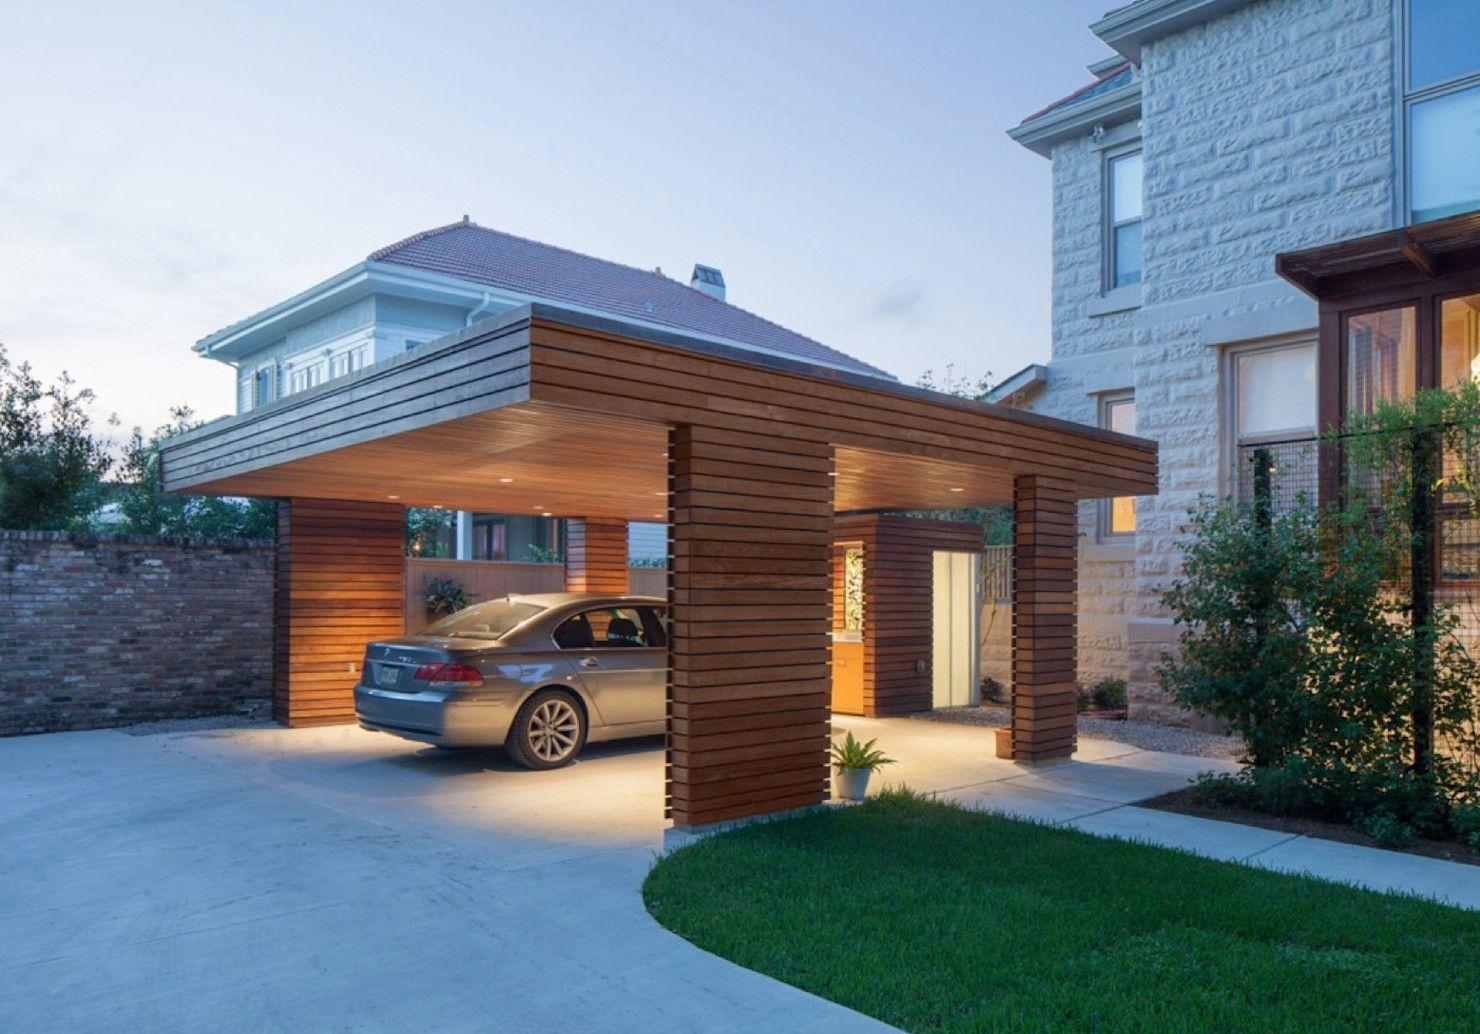 10 Einzigartige Garagen Und Carports Carport Designs Garage Design Modern Carport